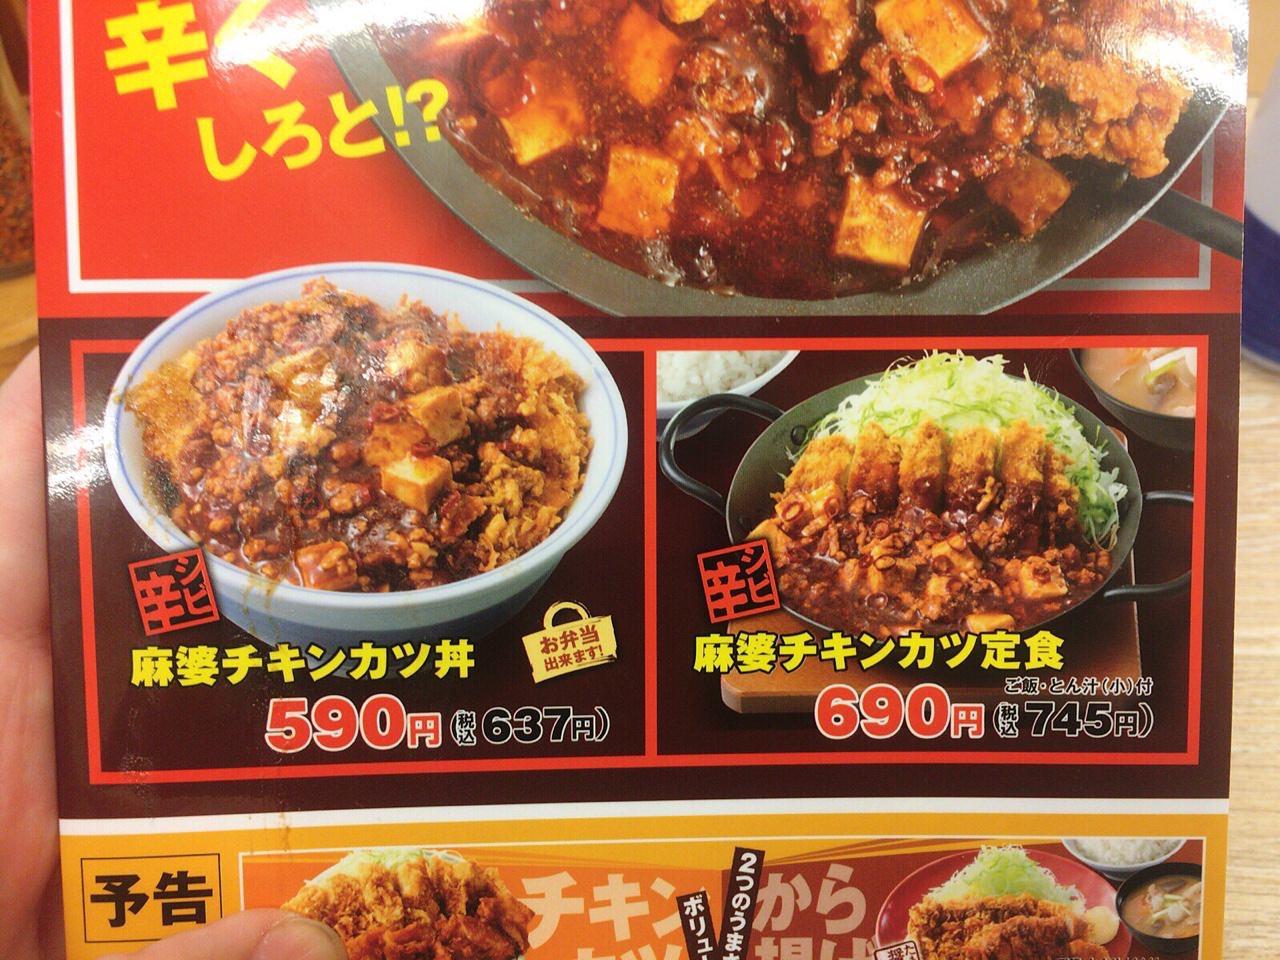 「麻婆チキンカツ定食・麻婆チキンカツ丼」02